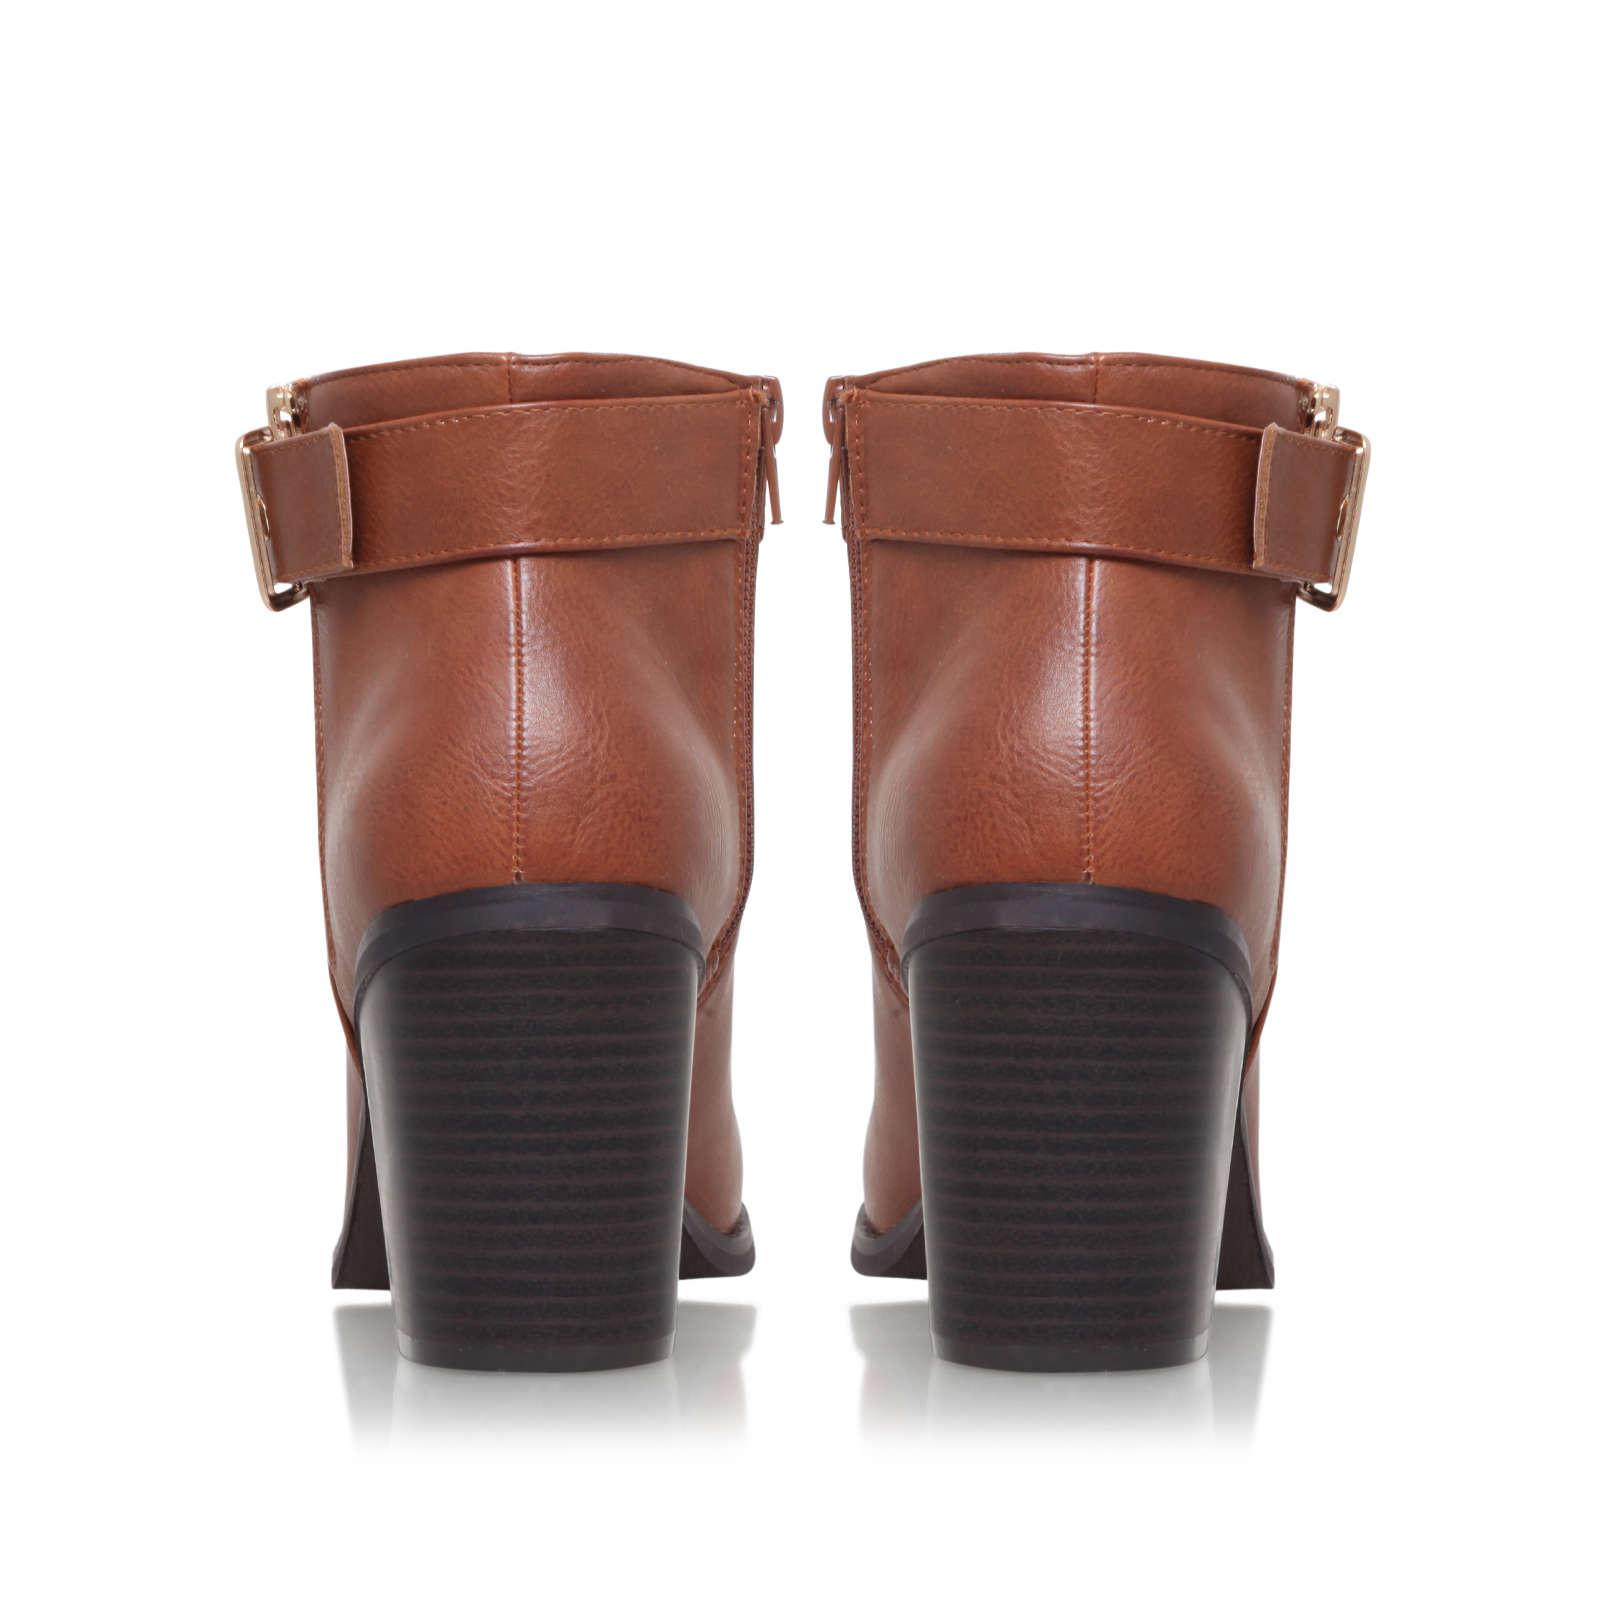 363a1d381c5 JANELLE - MISS KG Boots